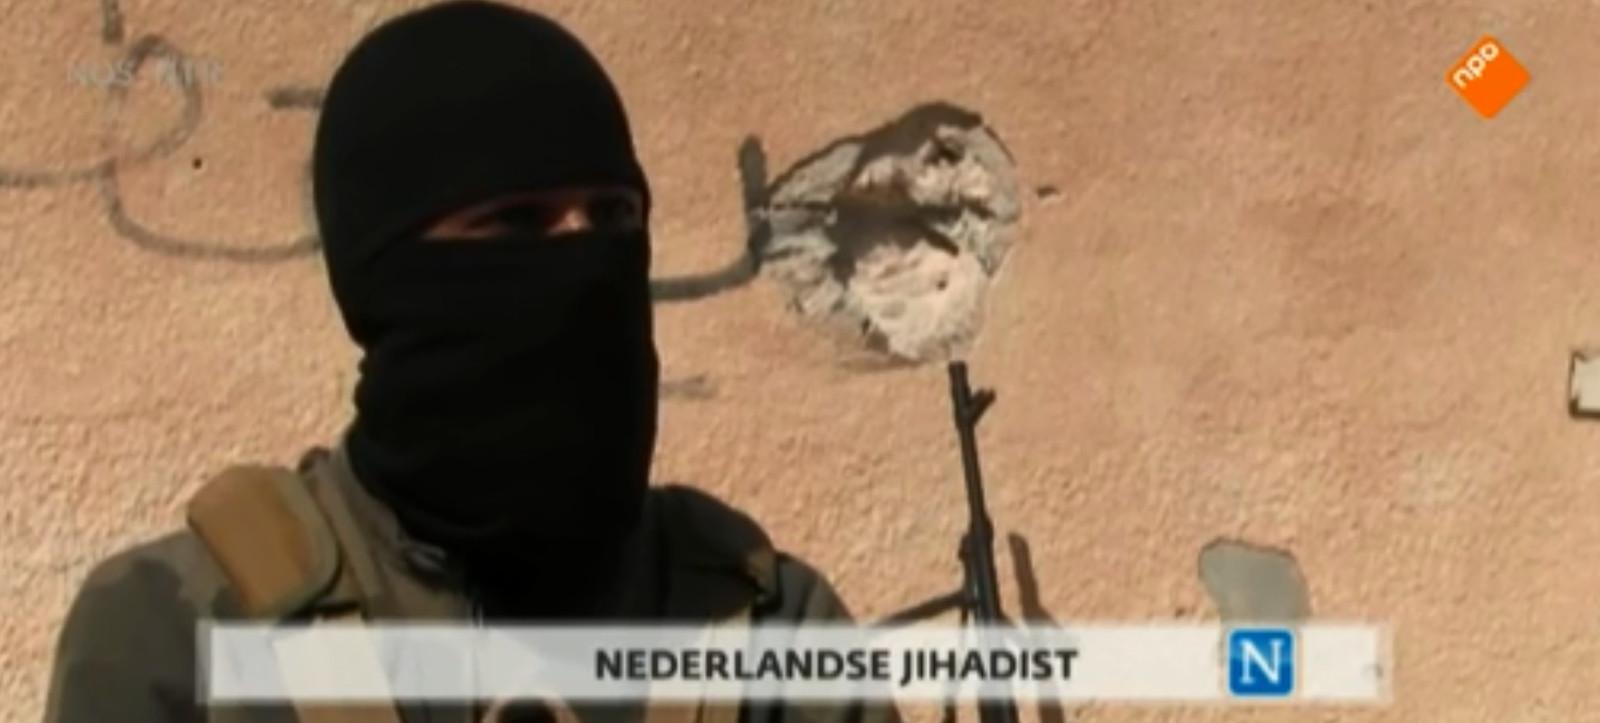 Beeld van Nederlandse jihadist uit eerdere tv-reportage van Nieuwsuur. Het is niet zeker om het hier om Youssef C. of een andere Nederlandse jihadist gaat.